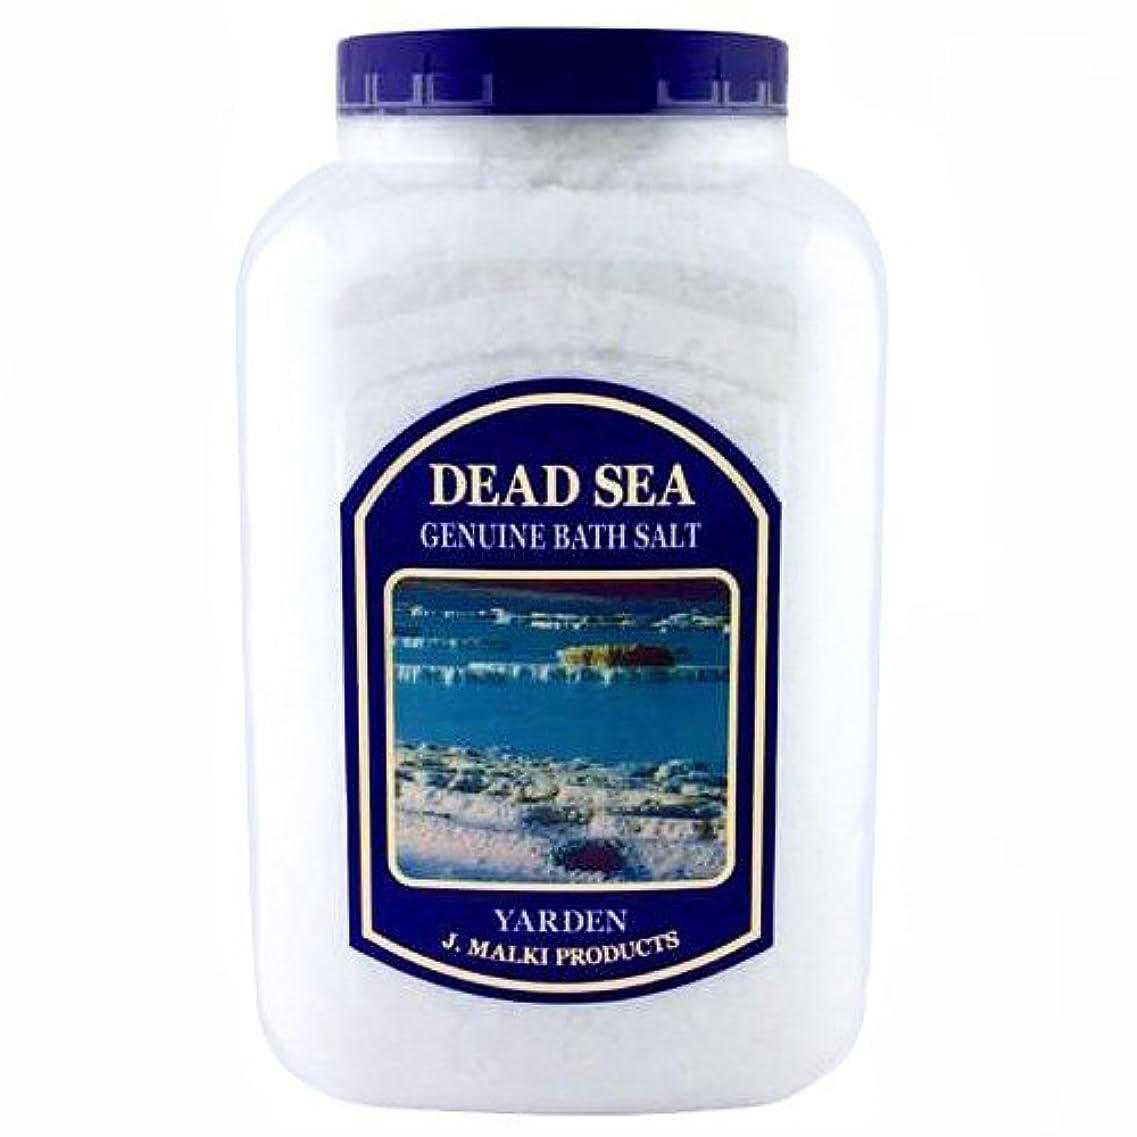 部分チェリー仲間デッドシー?バスソルト 4.5kg(約45回分)【DEAD SEA BATH SALT】死海の塩/入浴剤(入浴用化粧品)【正規販売店】